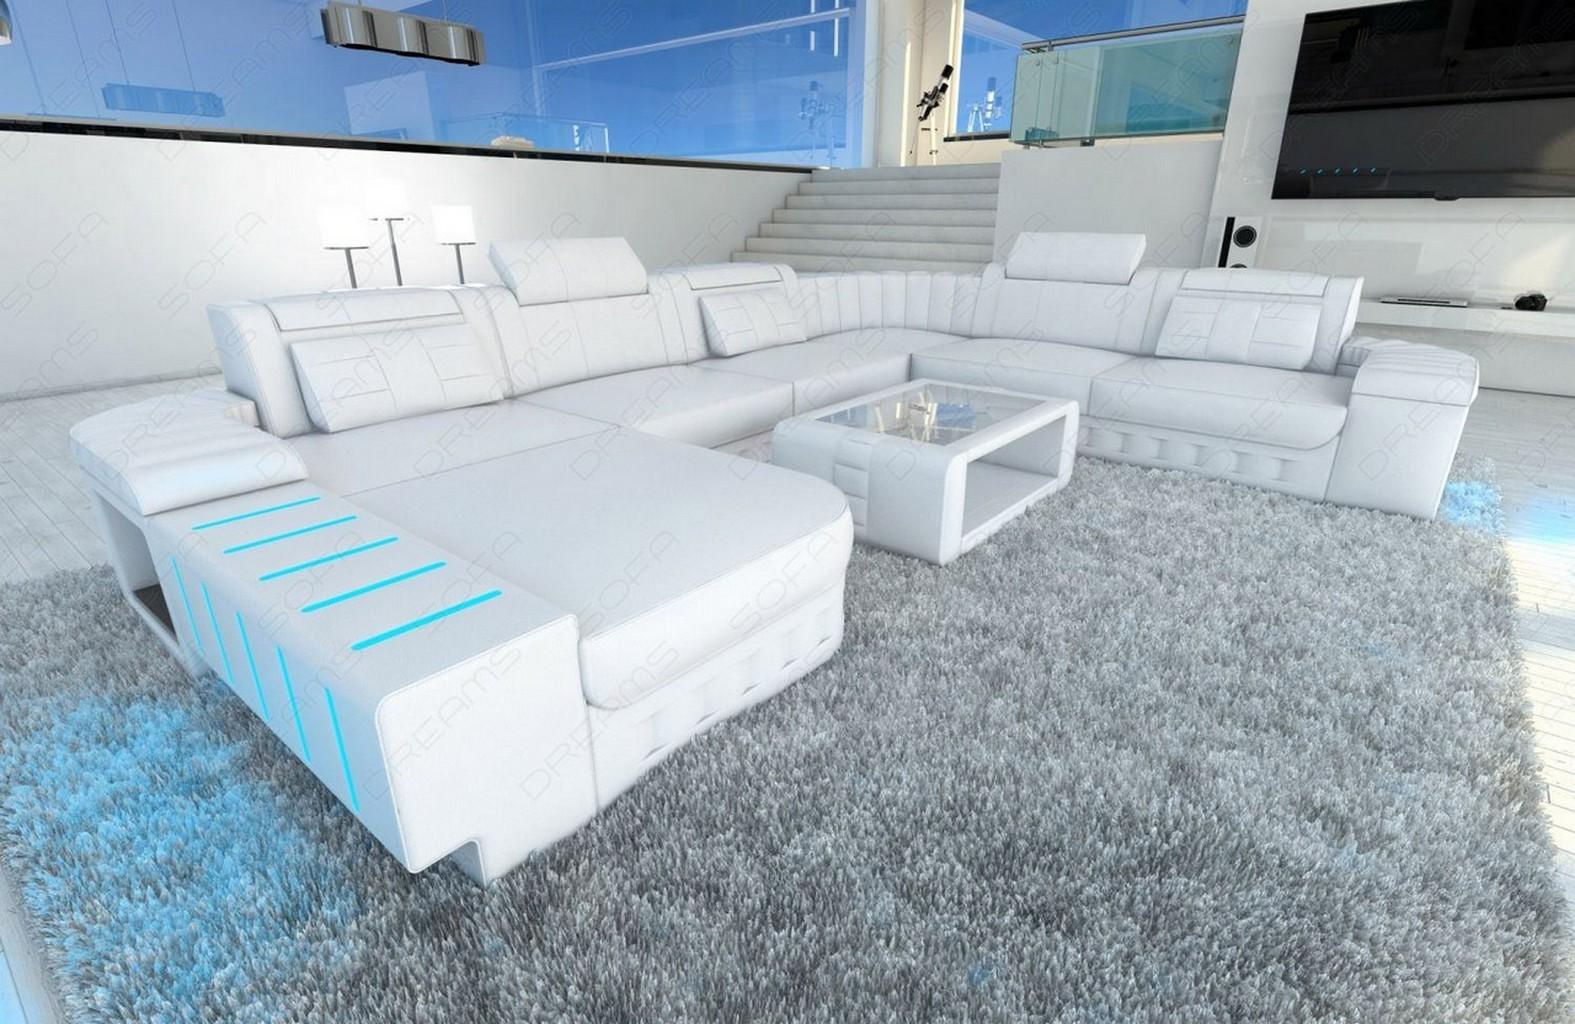 wohnlandschaft design bellagio xxl u form komplett weiss. Black Bedroom Furniture Sets. Home Design Ideas